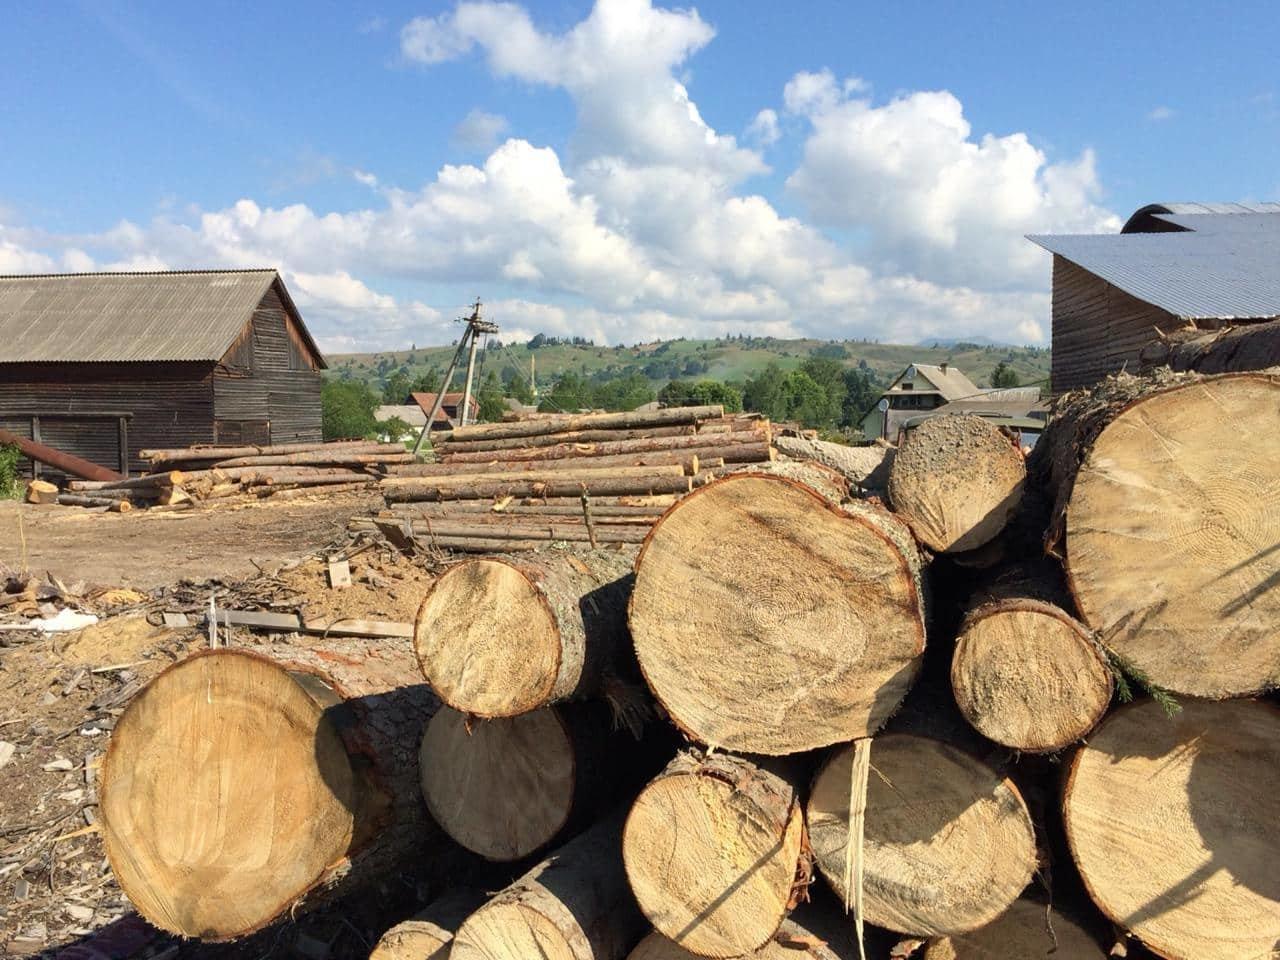 На Закарпатті СБУ викрило лісництво на розкраданні деревини - лісничому оголосили підозру (ФОТО), фото-4